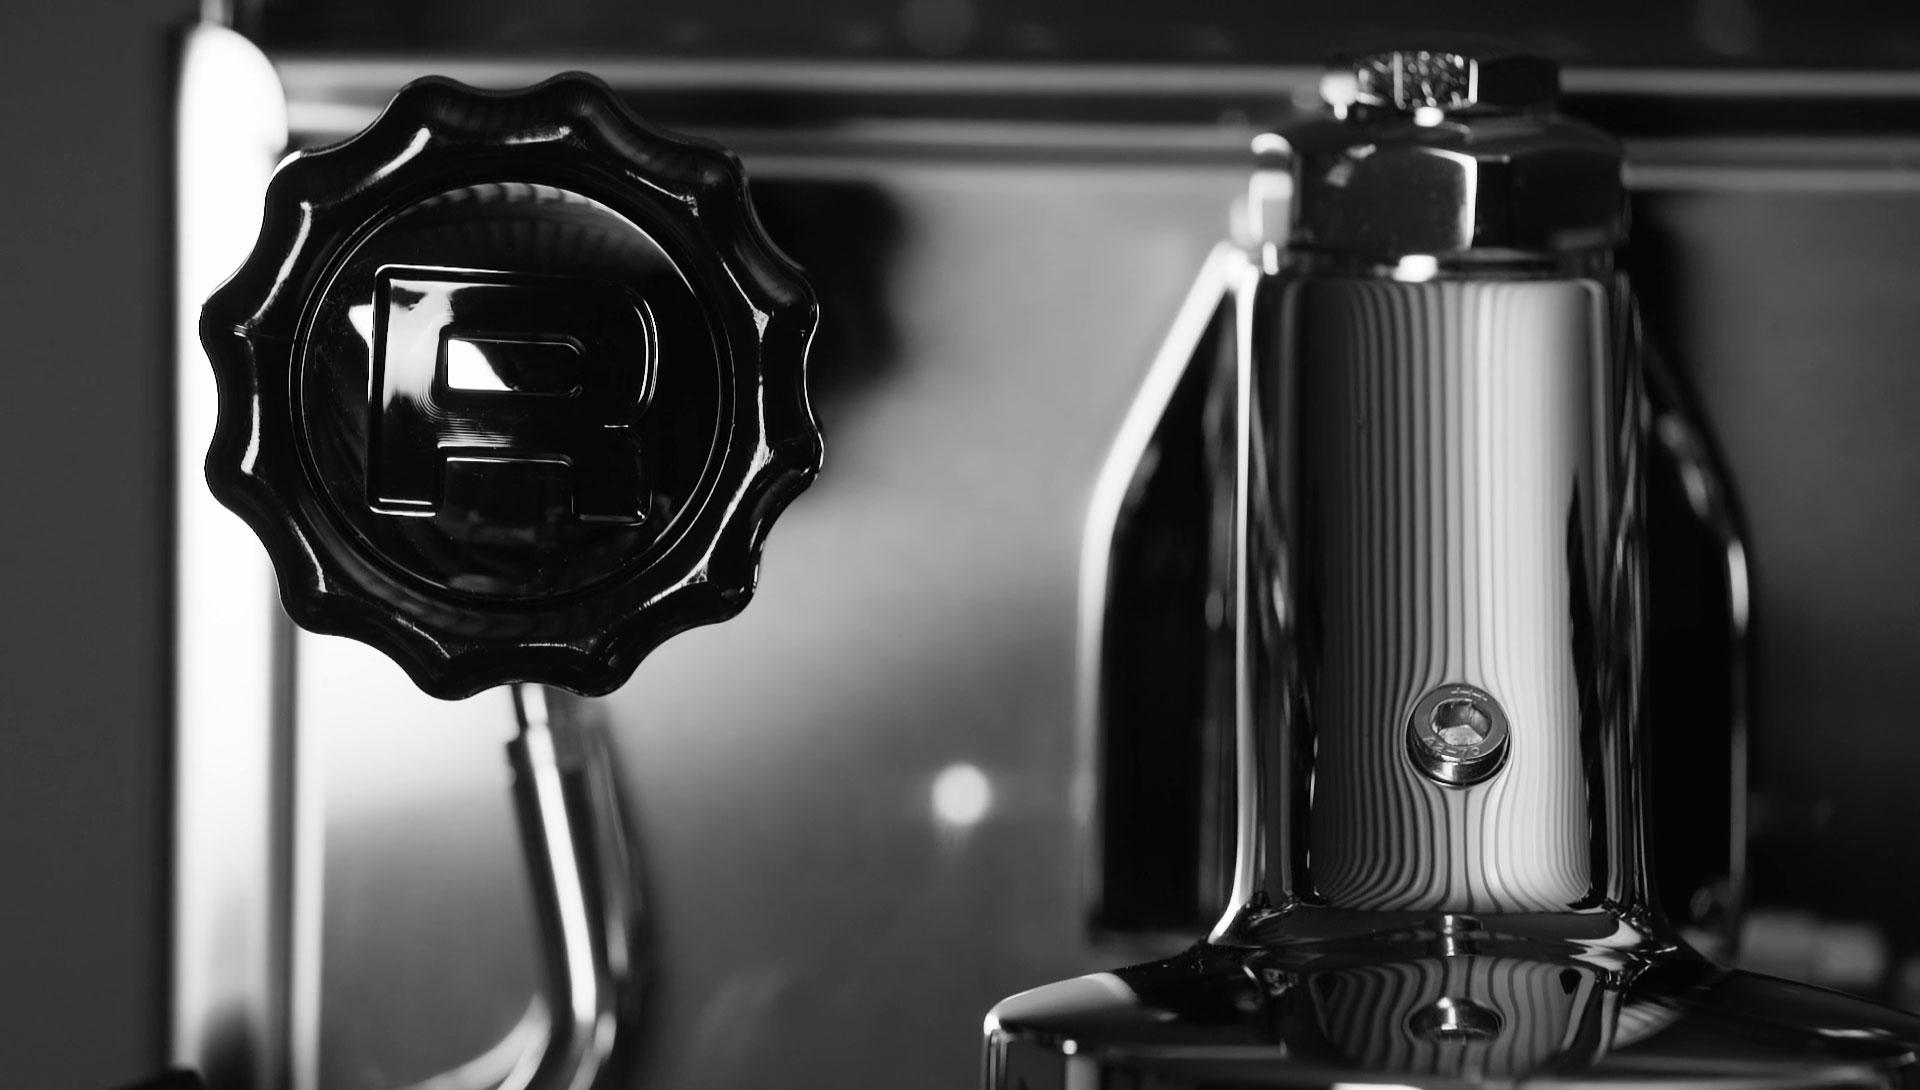 zweisieben_rocket_espresso_5.jpg